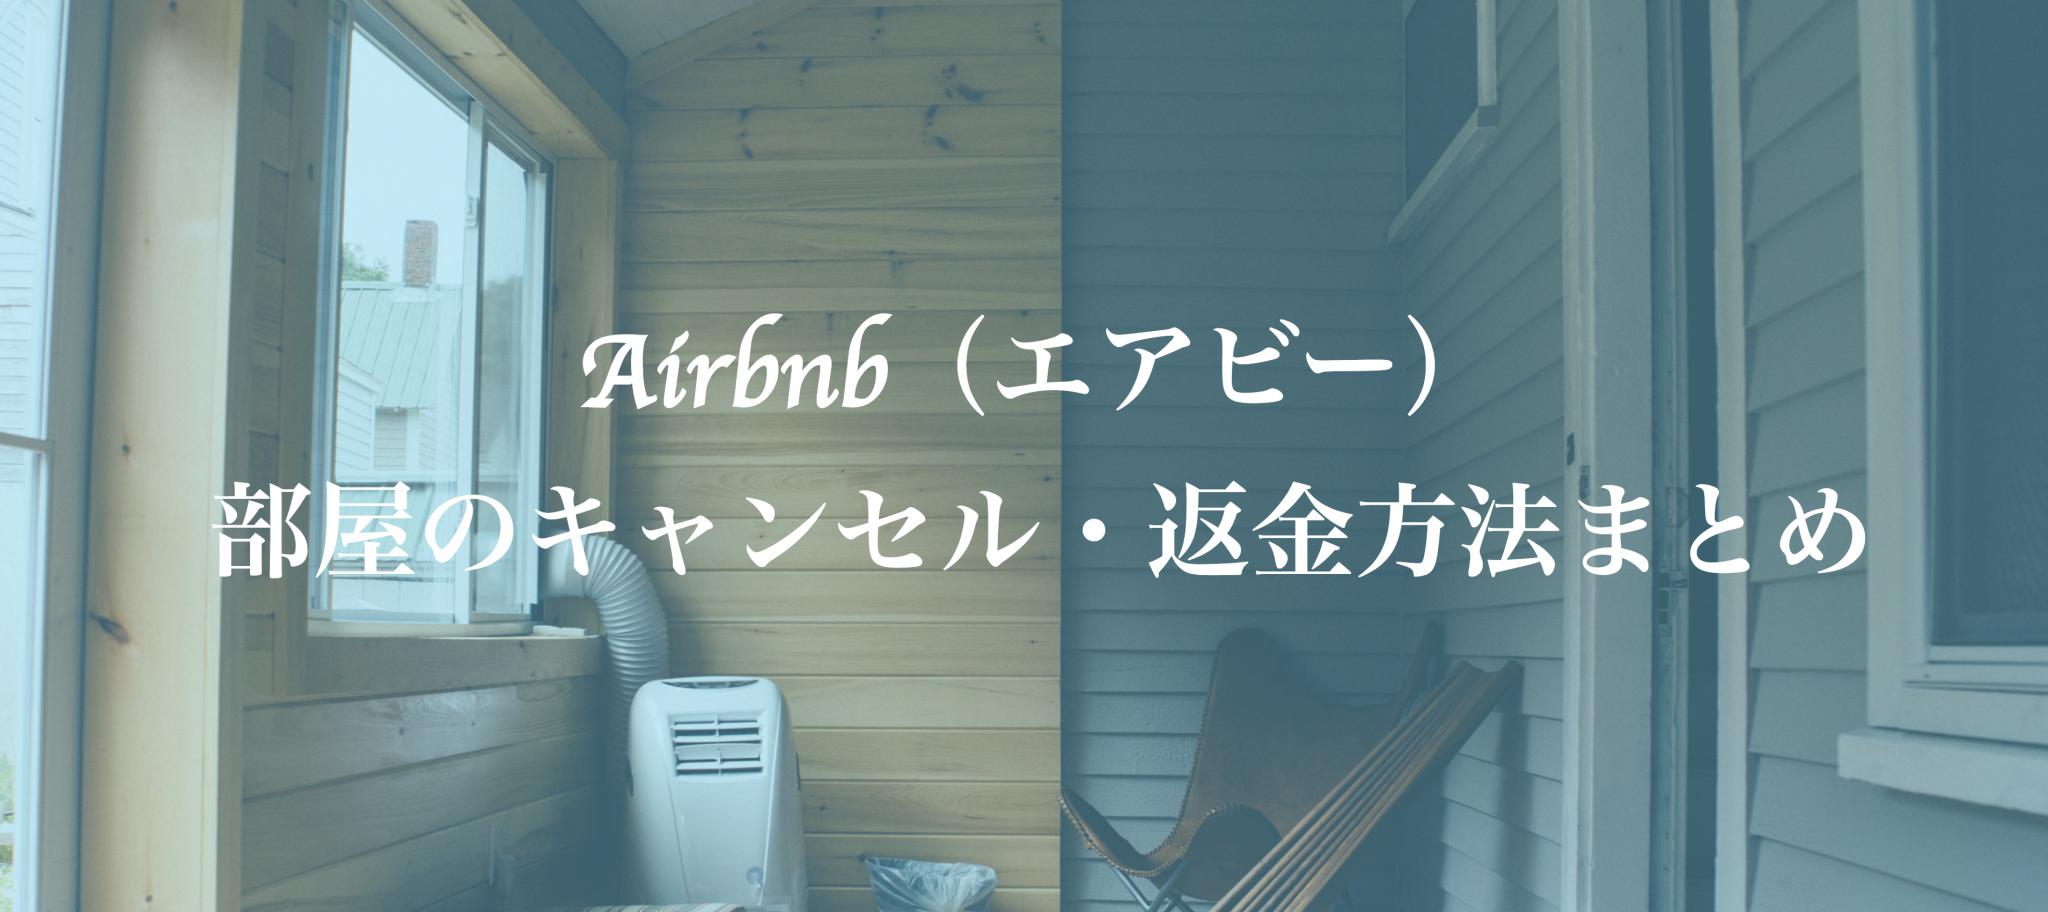 Airbnb(エアビー)での部屋のキャンセル・返金方法まとめ。部屋の選び方も紹介